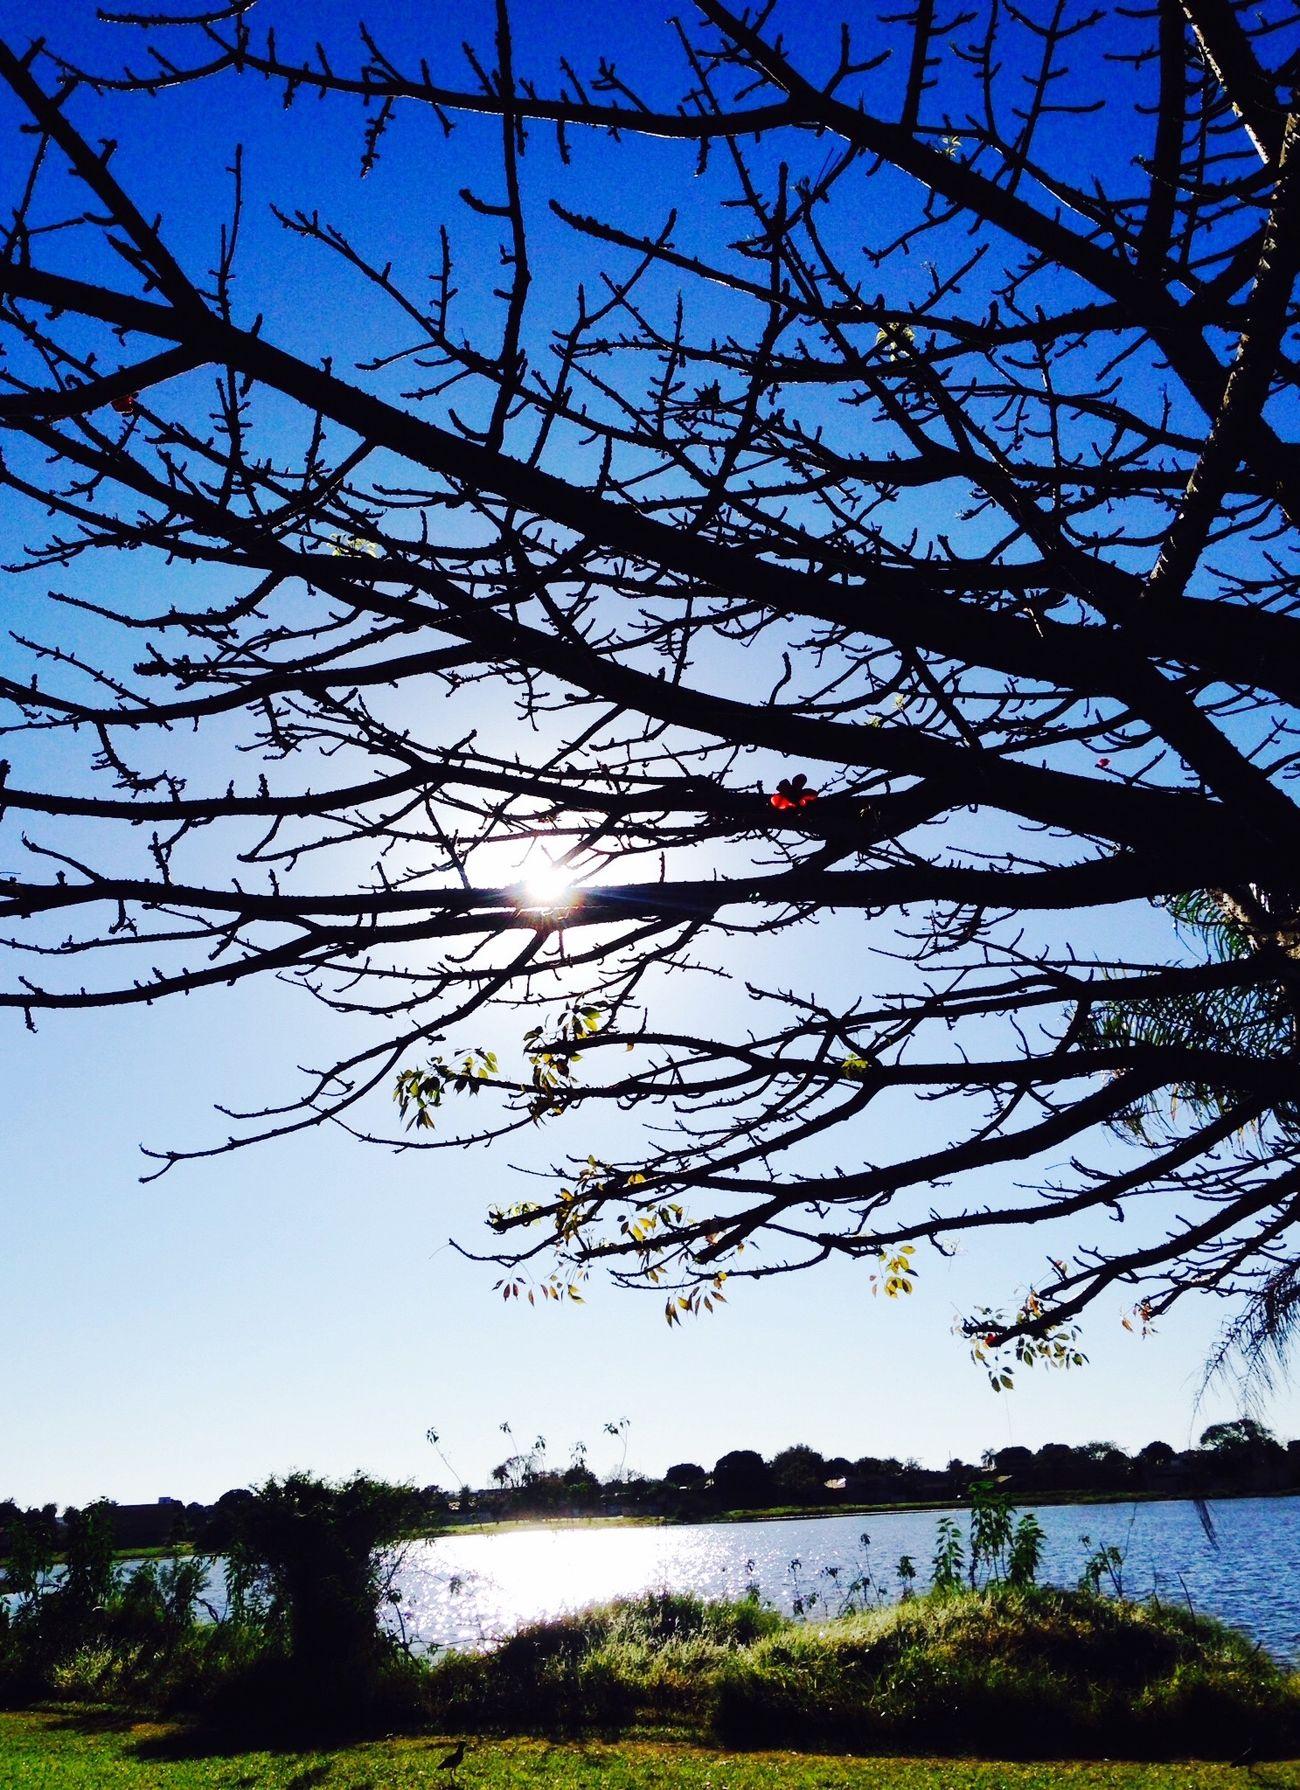 Tree Nature Lake Sky